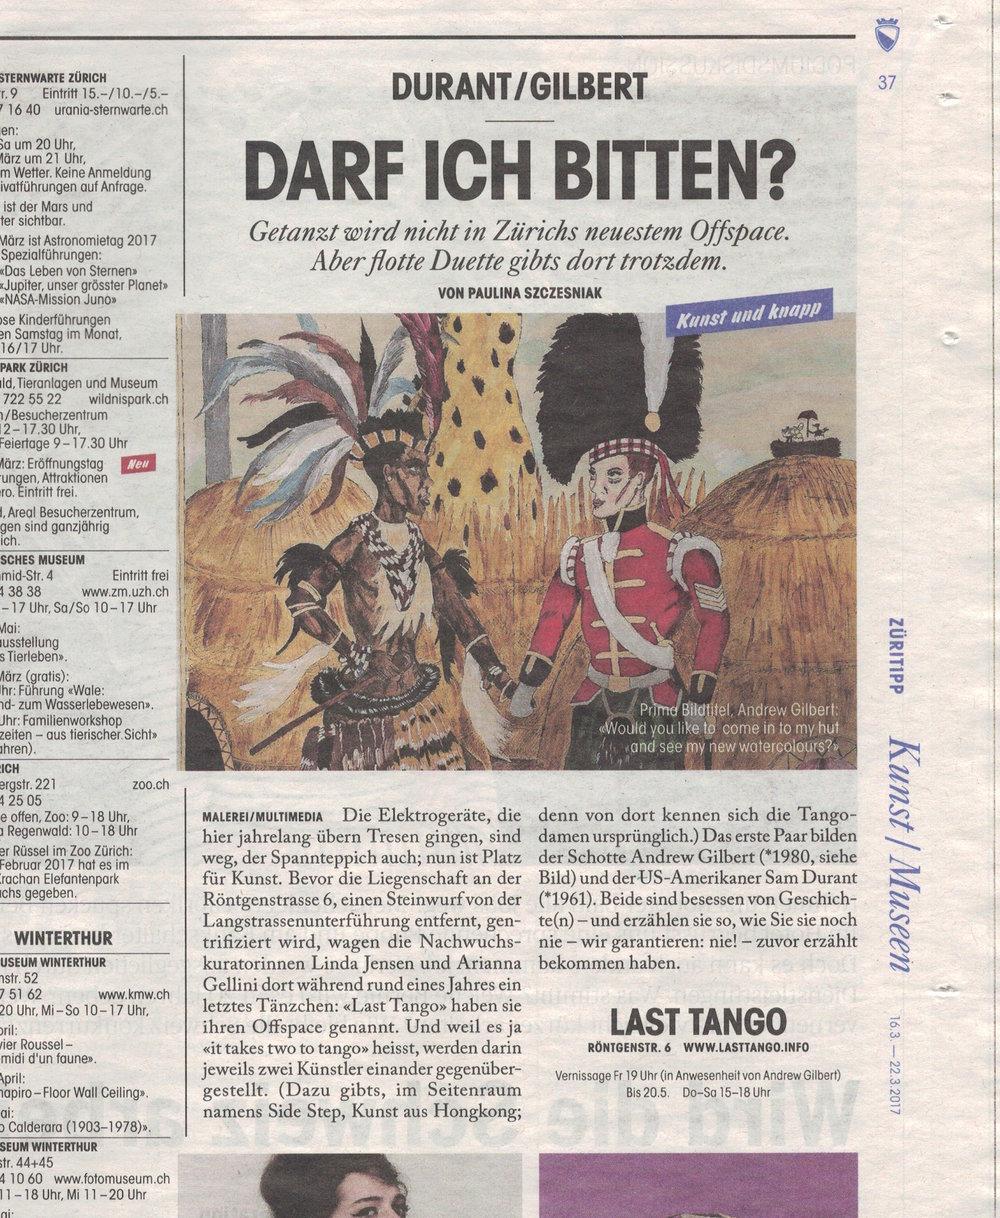 Tages Anzeiger, Züritipp,16/03/17 by Paulina Szczesniak -